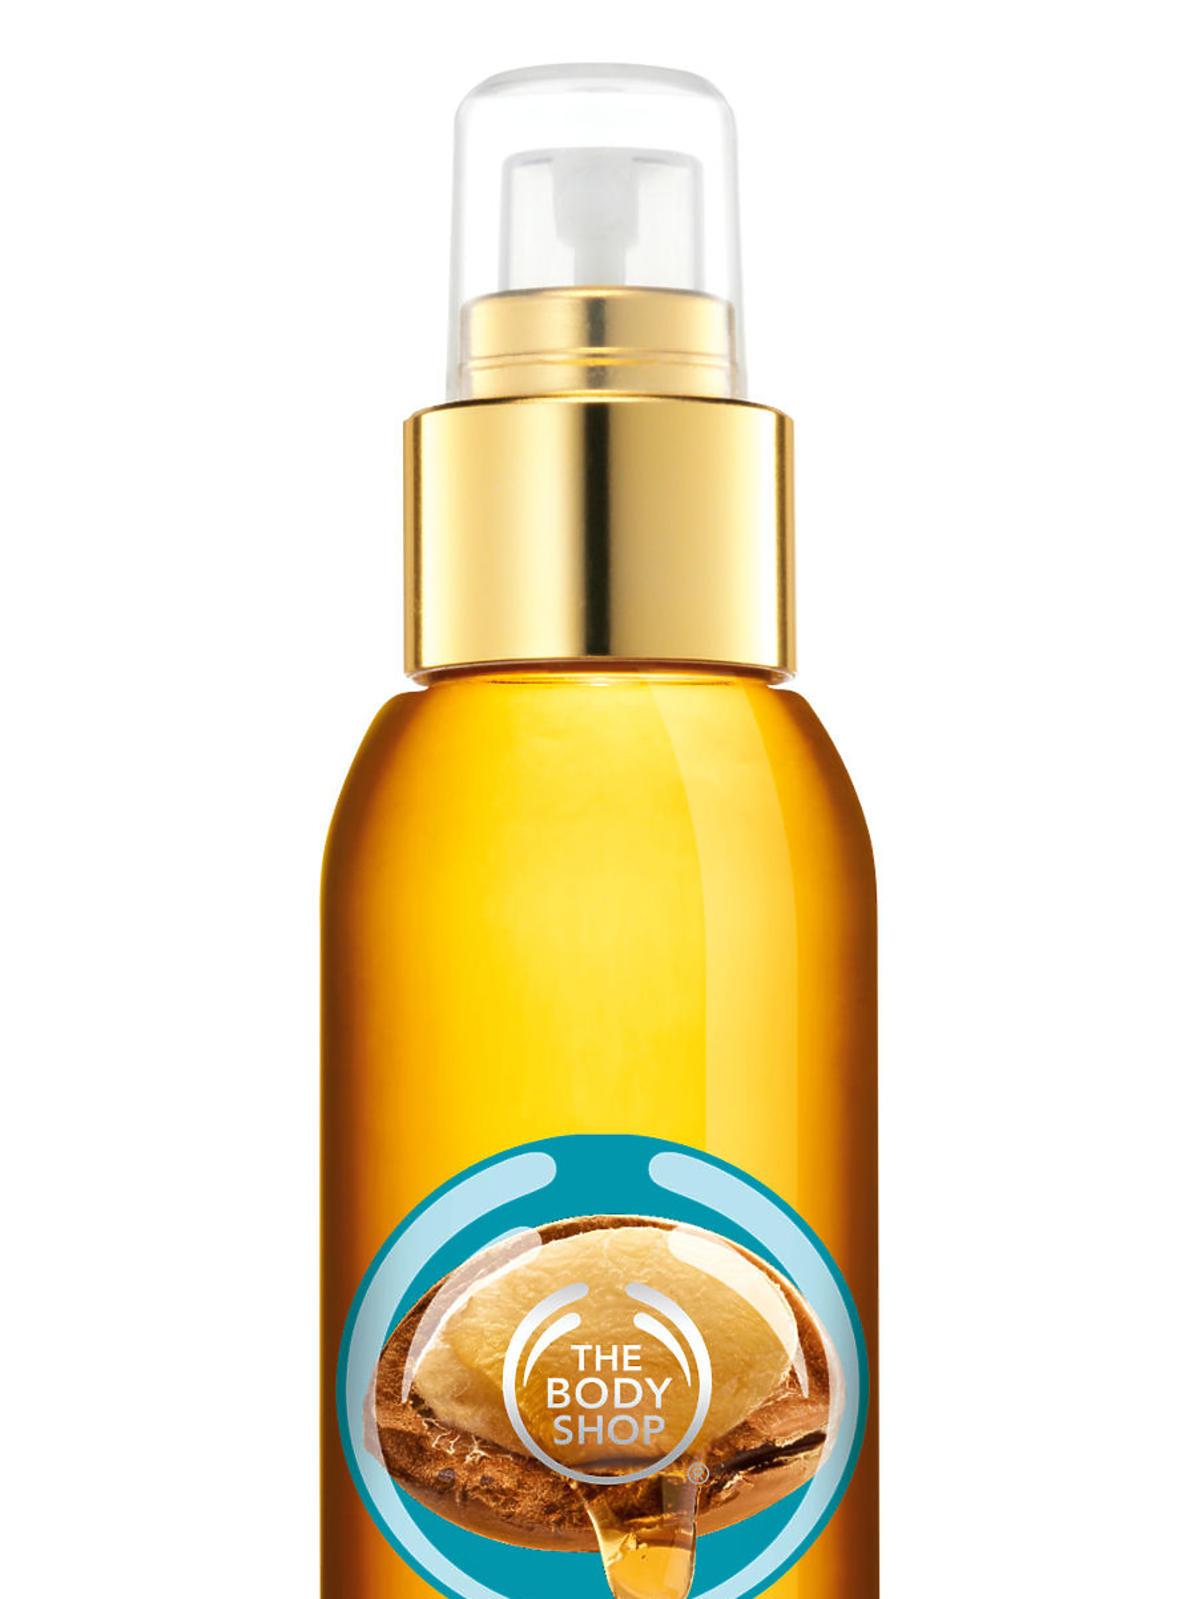 Olejek arganowy do ciała i włosów The Body Shop, 39zł